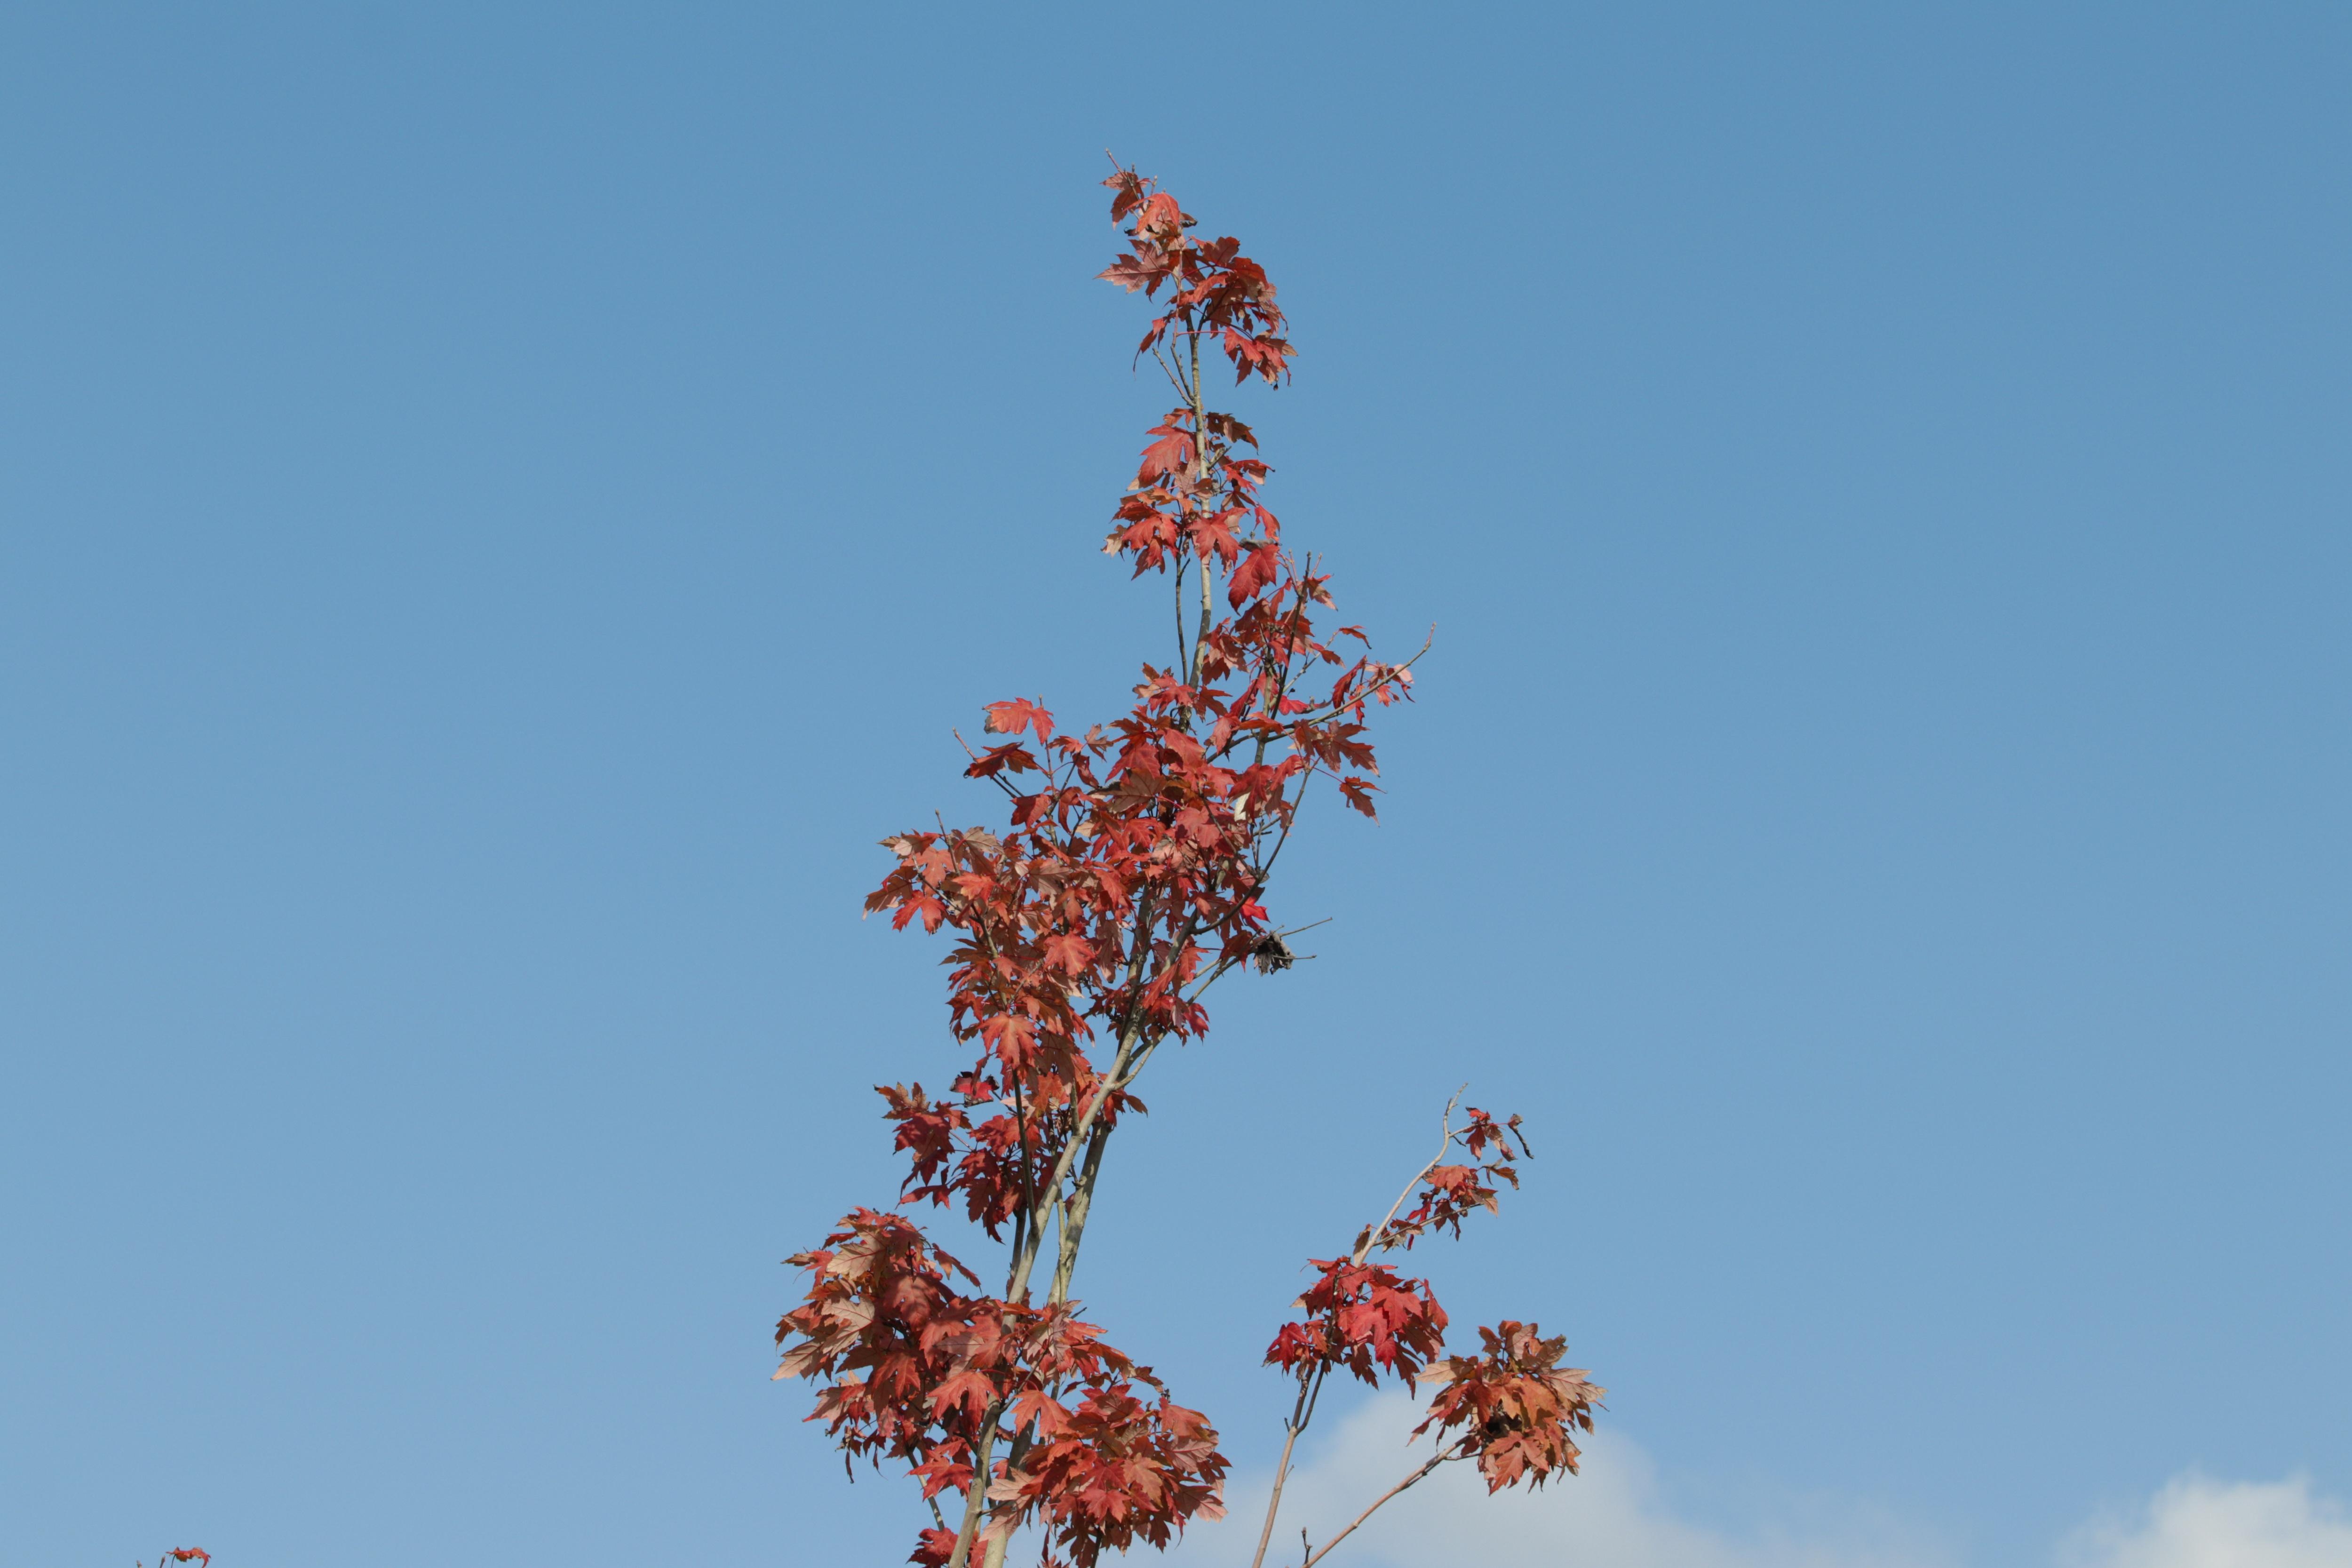 Ngắm phong lá đỏ chuyển màu rực rỡ ở cao nguyên đá vôi cao thứ 2 Việt Nam - 14